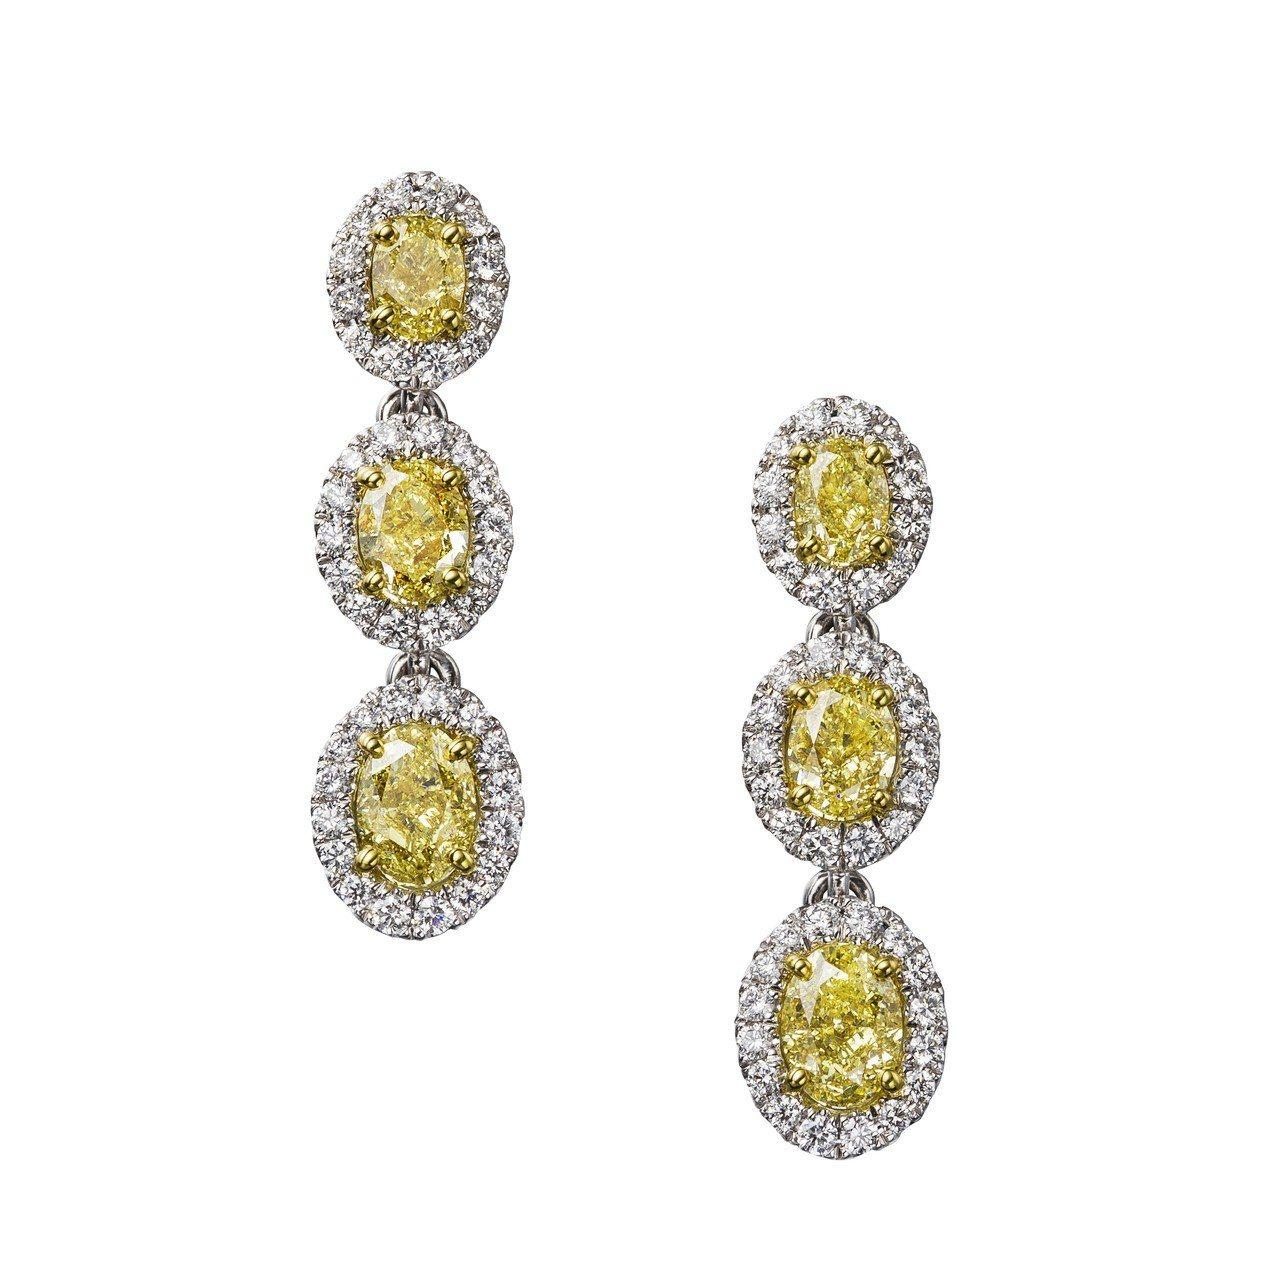 De Beers Aura 高級珠寶黃鑽三顆鑽石耳環,總重7.04克拉,160萬...